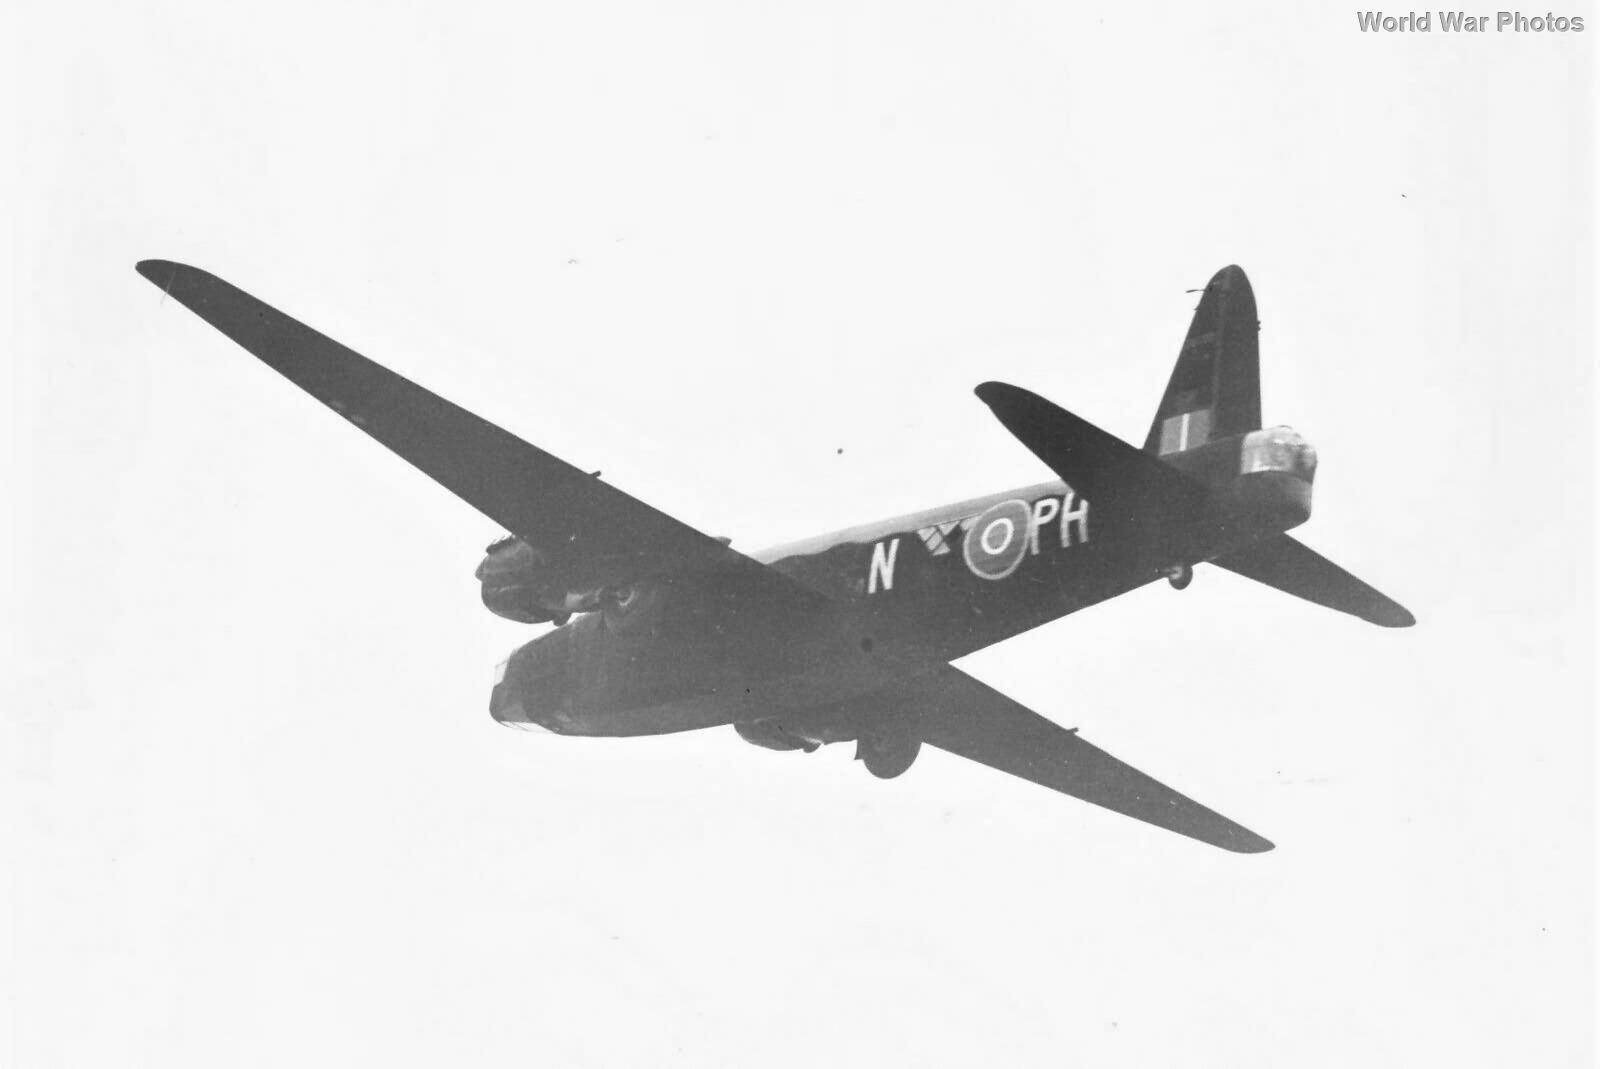 Vickers Wellington W5598 PH-N of No. 12 Squadron RAF